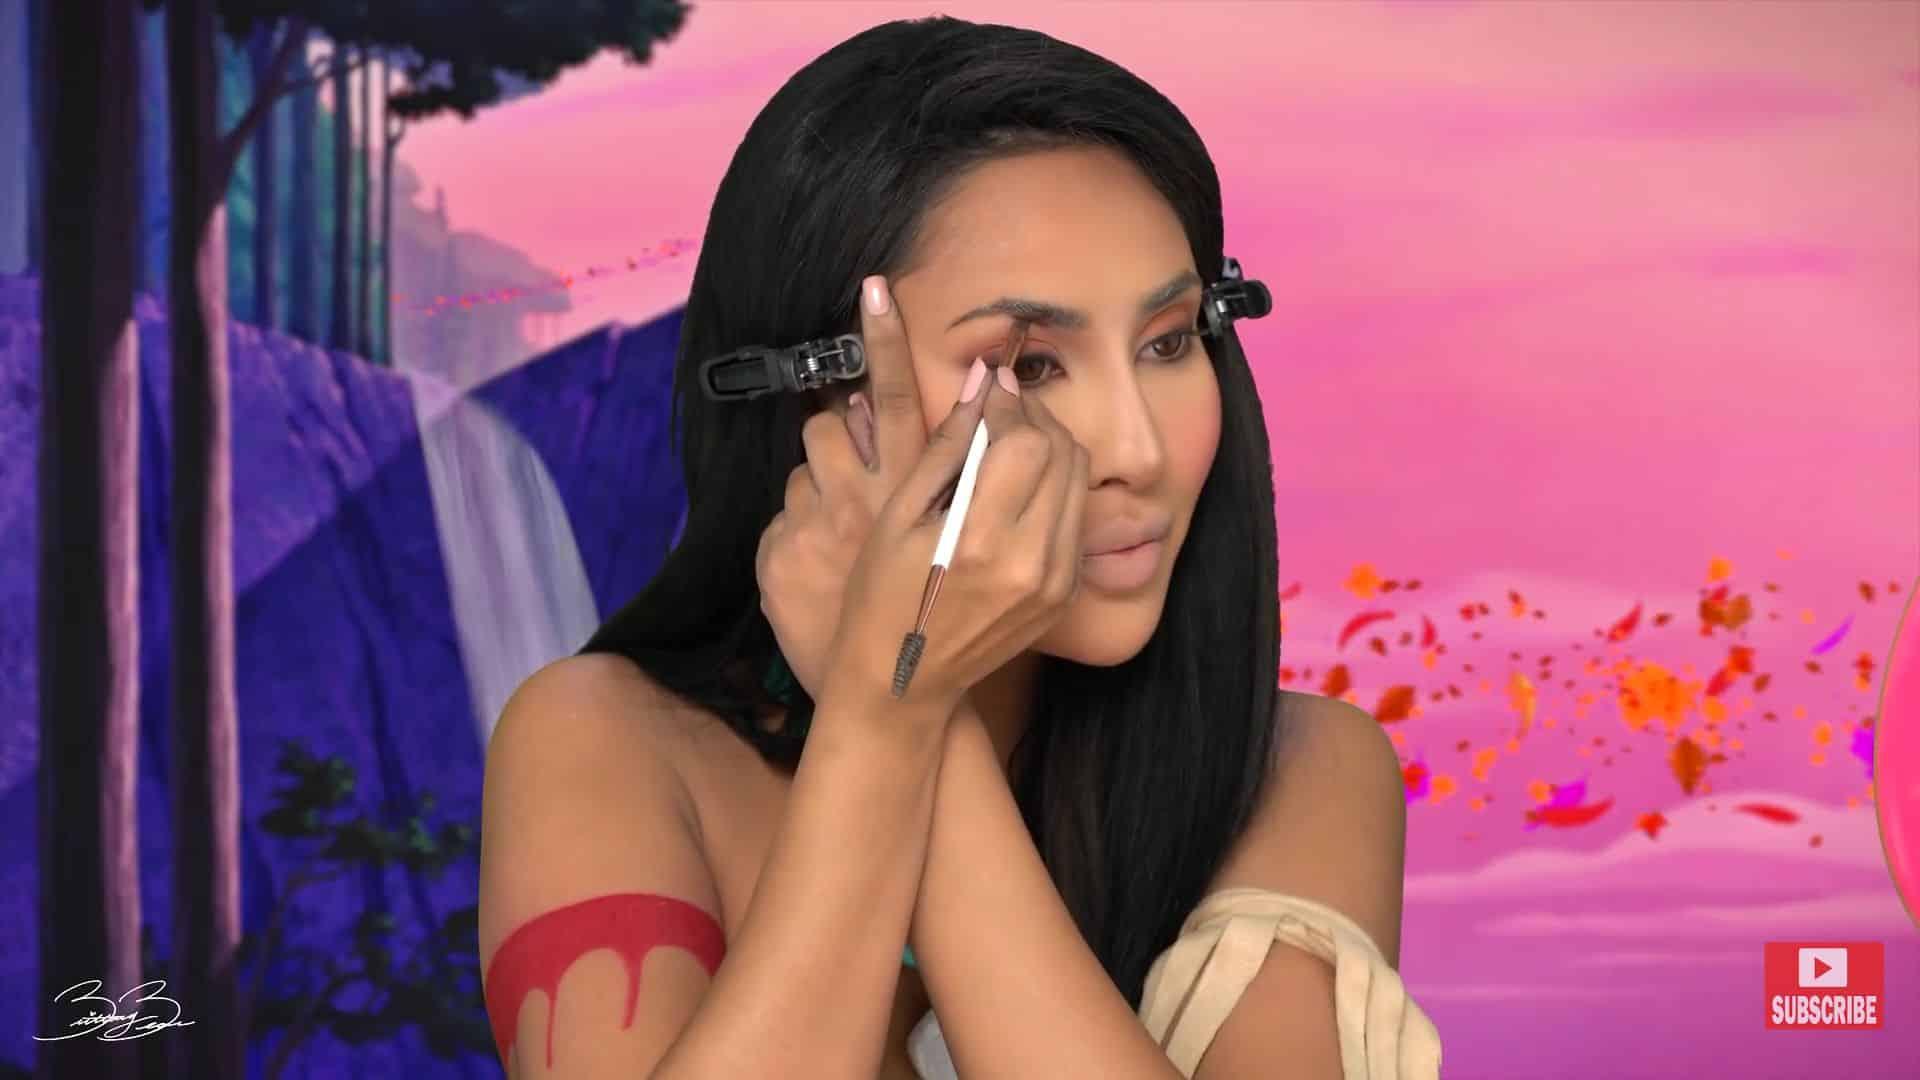 Maquíllate como la princesa Pocahontas,BrittanyBearMakeup 2020. maquillaje de cejas.